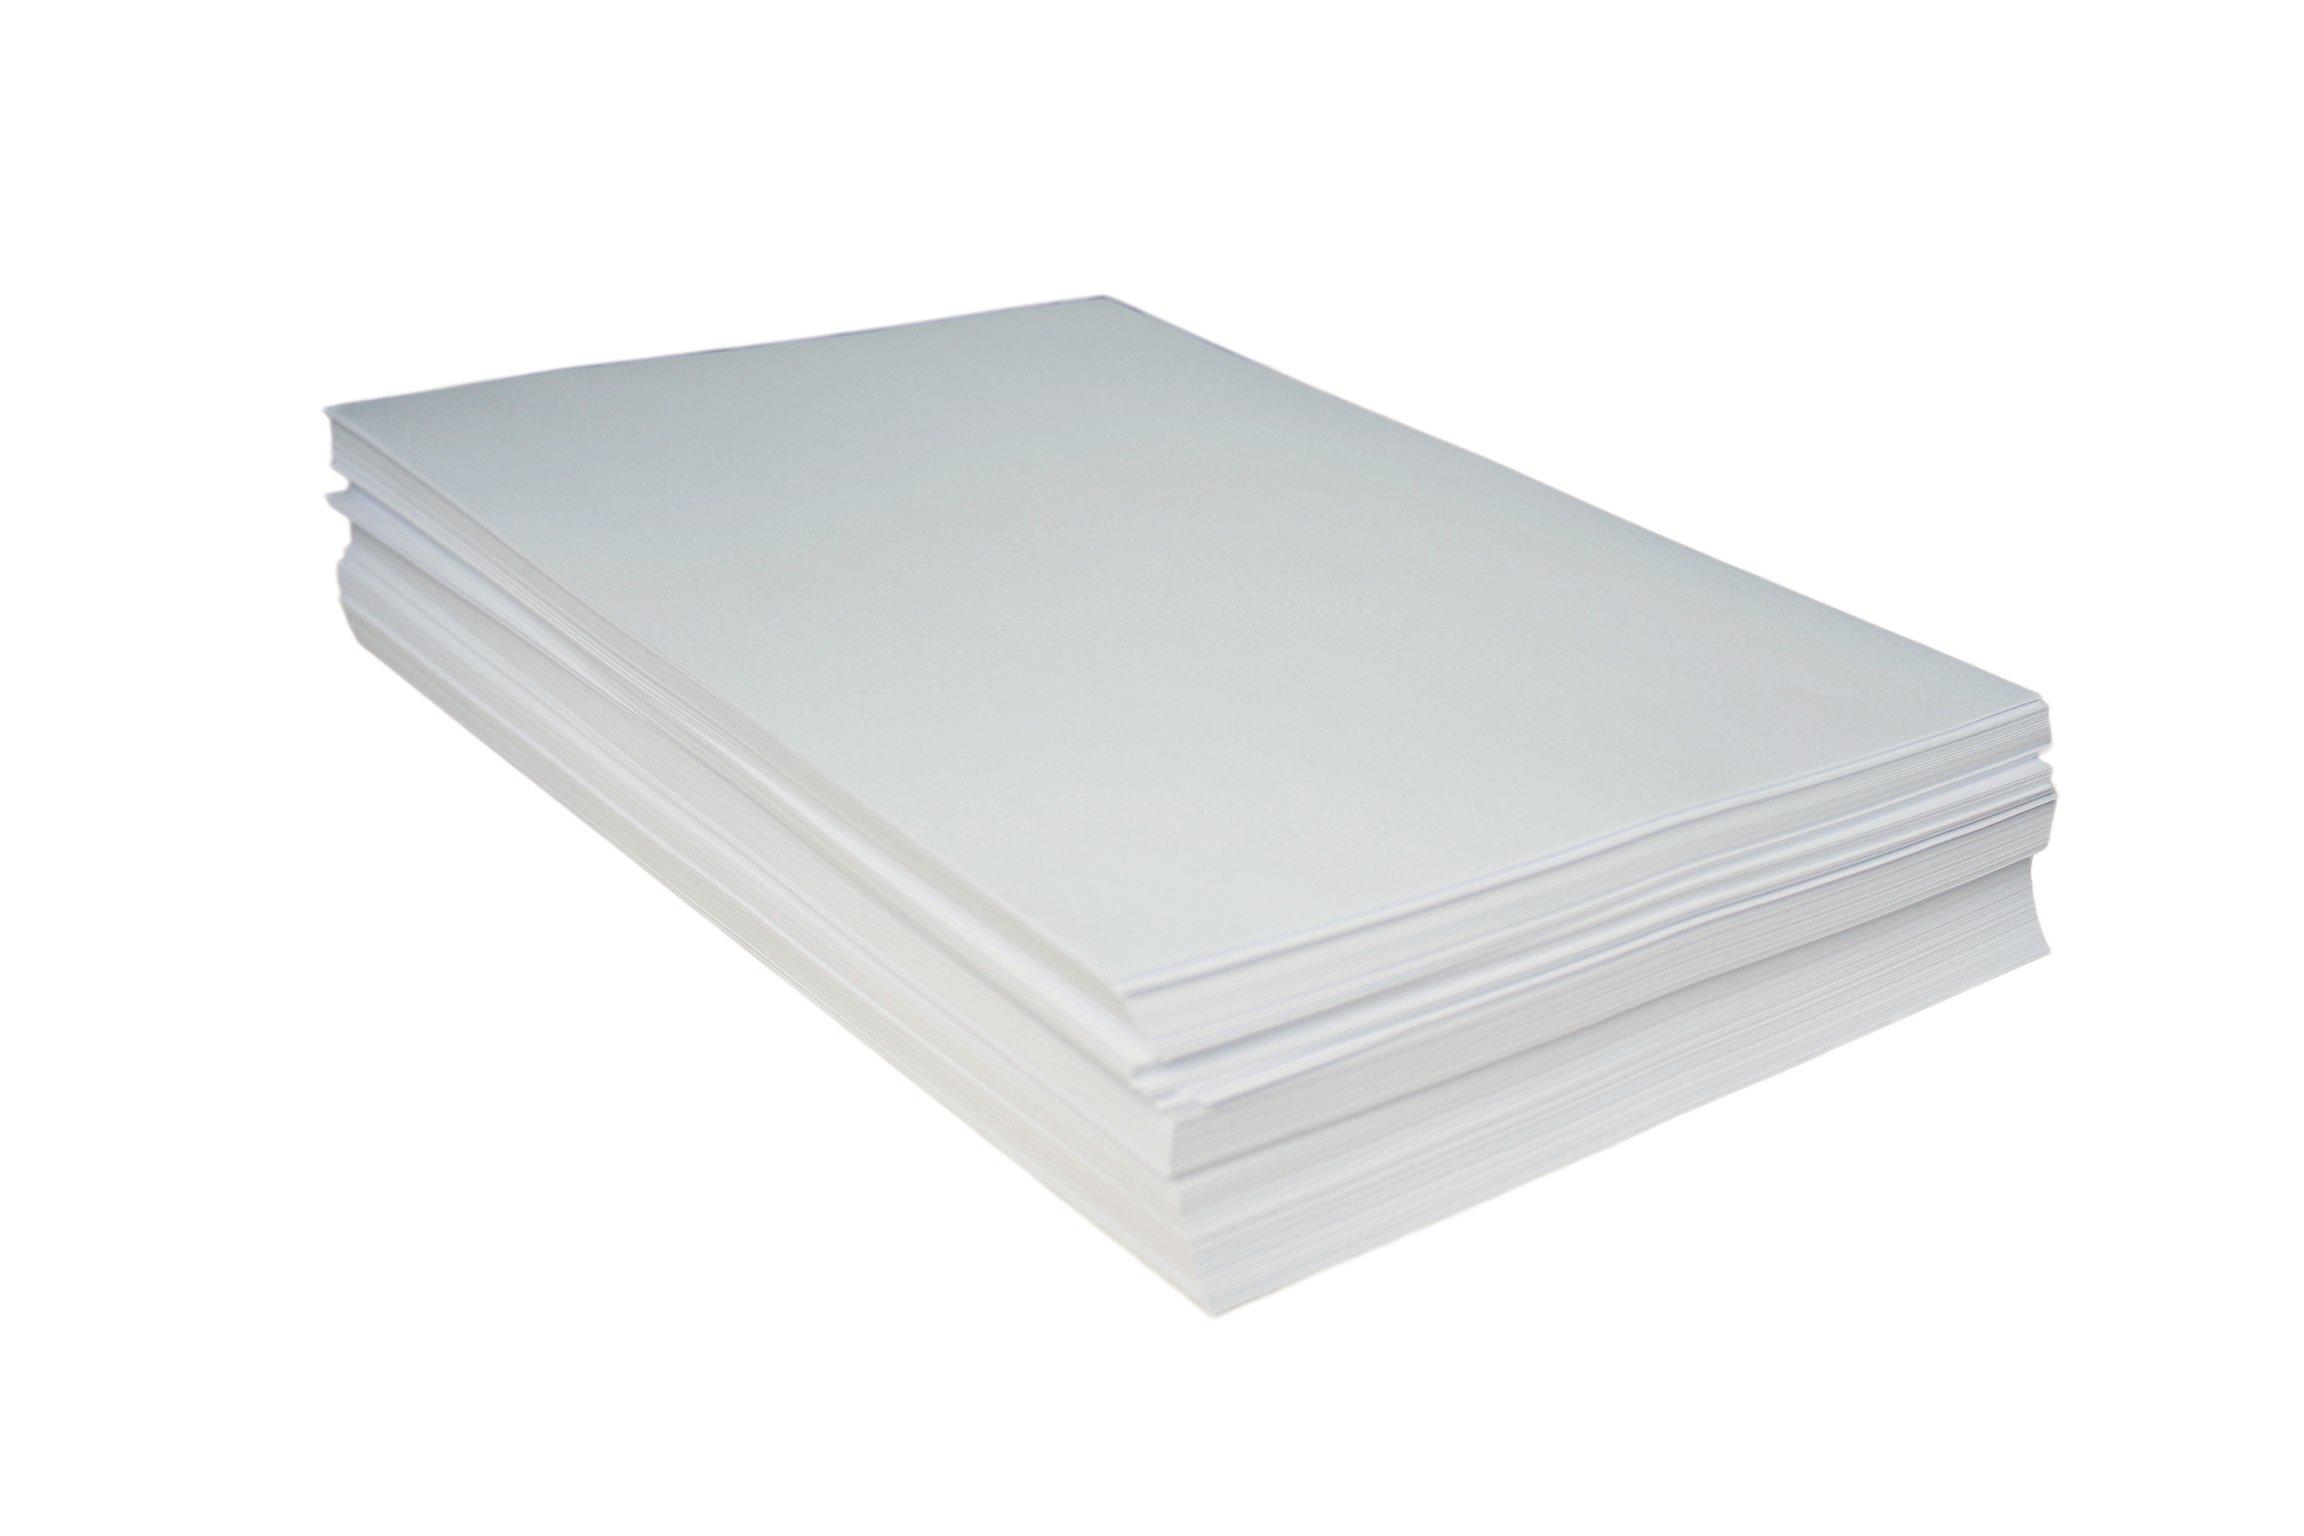 картинки бумаги для ксерокса правой